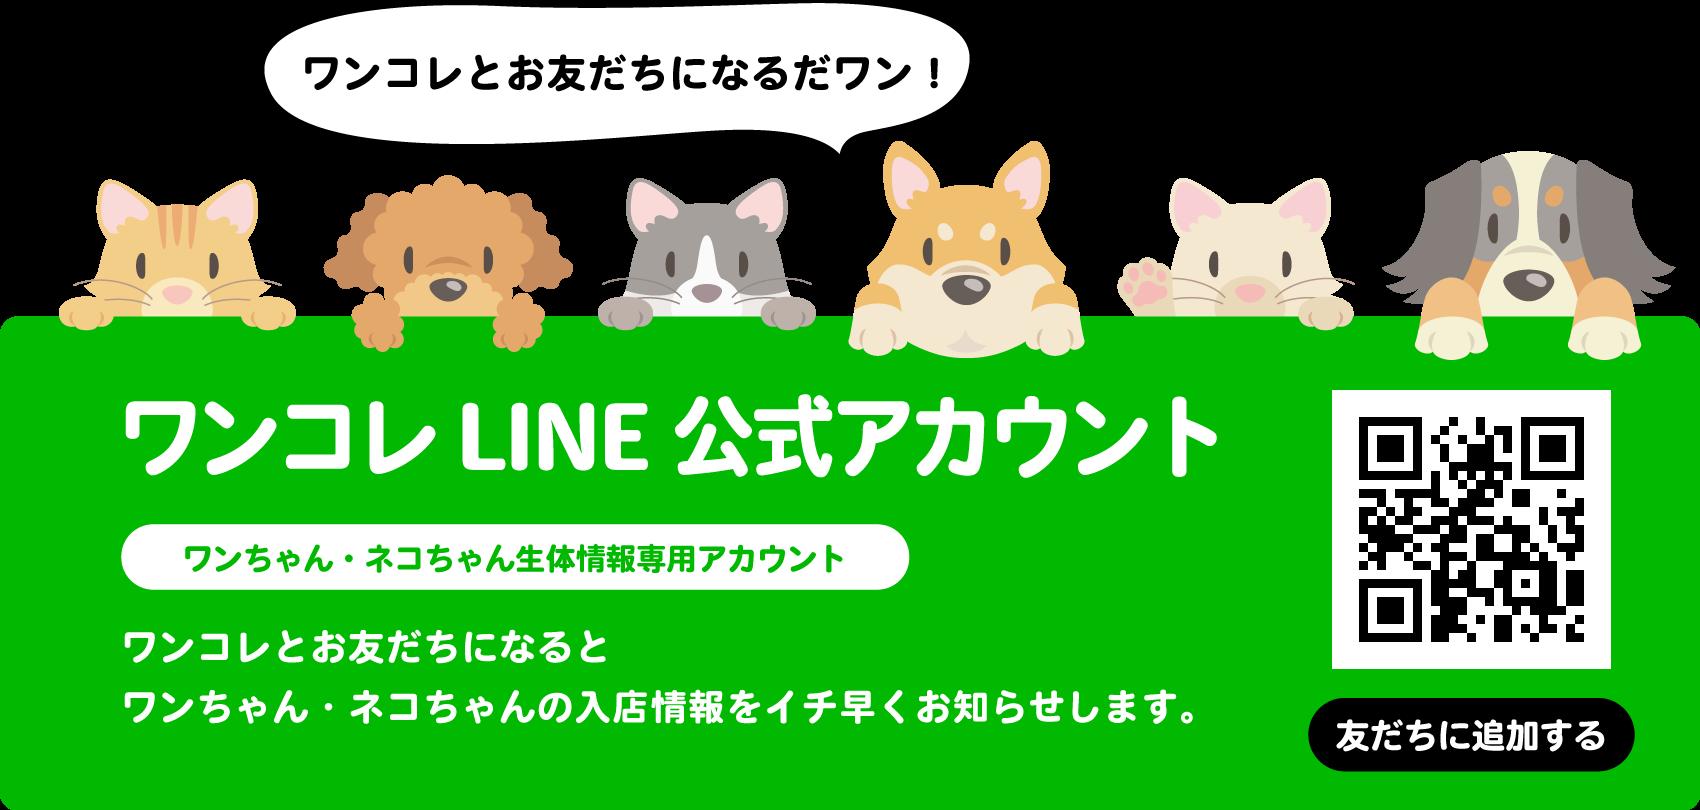 LINE公式アカウントお友だち募集中